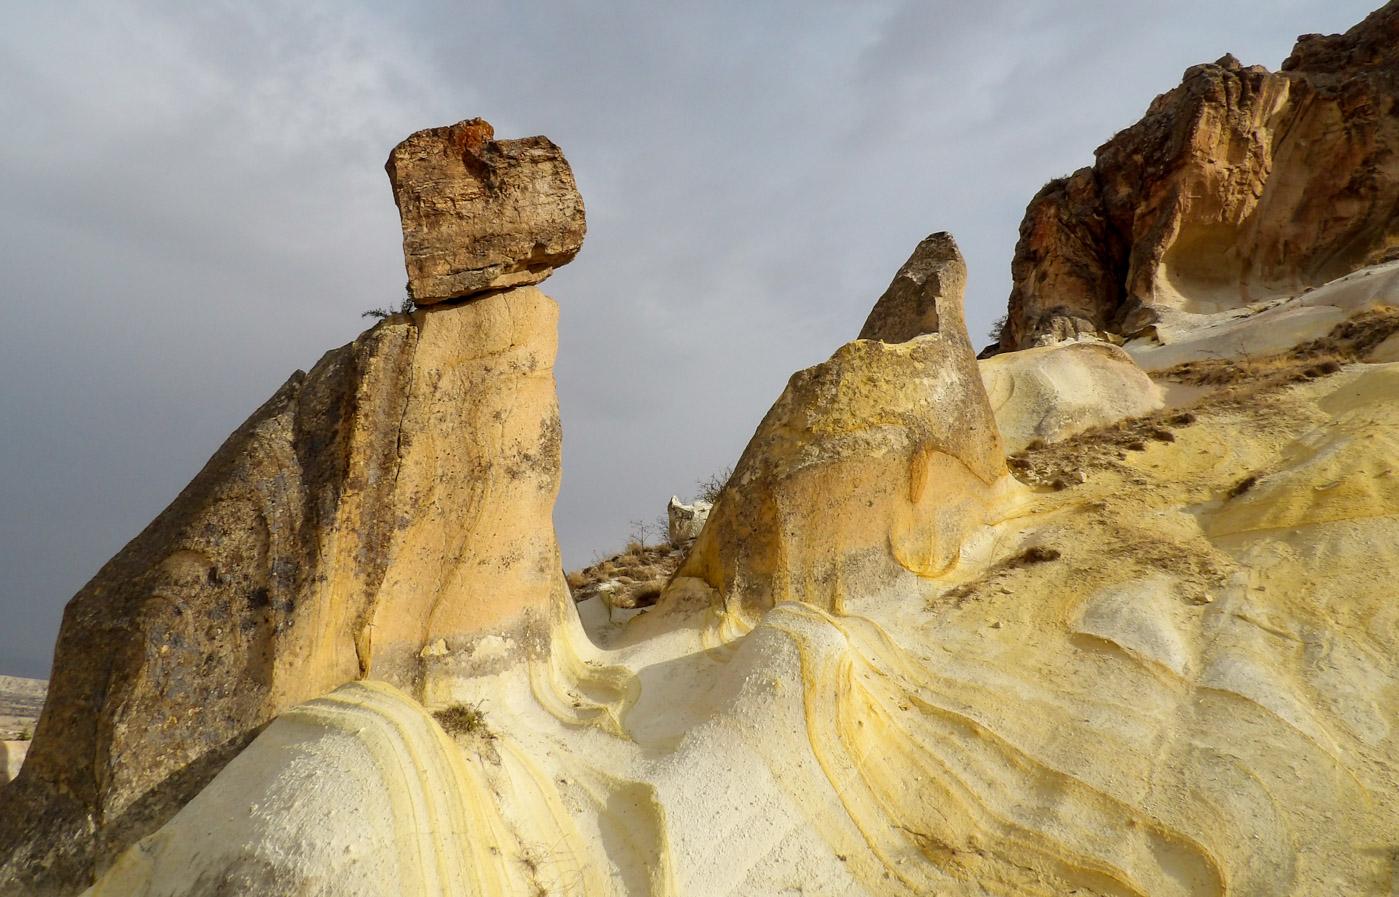 voyage en turquie région de cappadoce